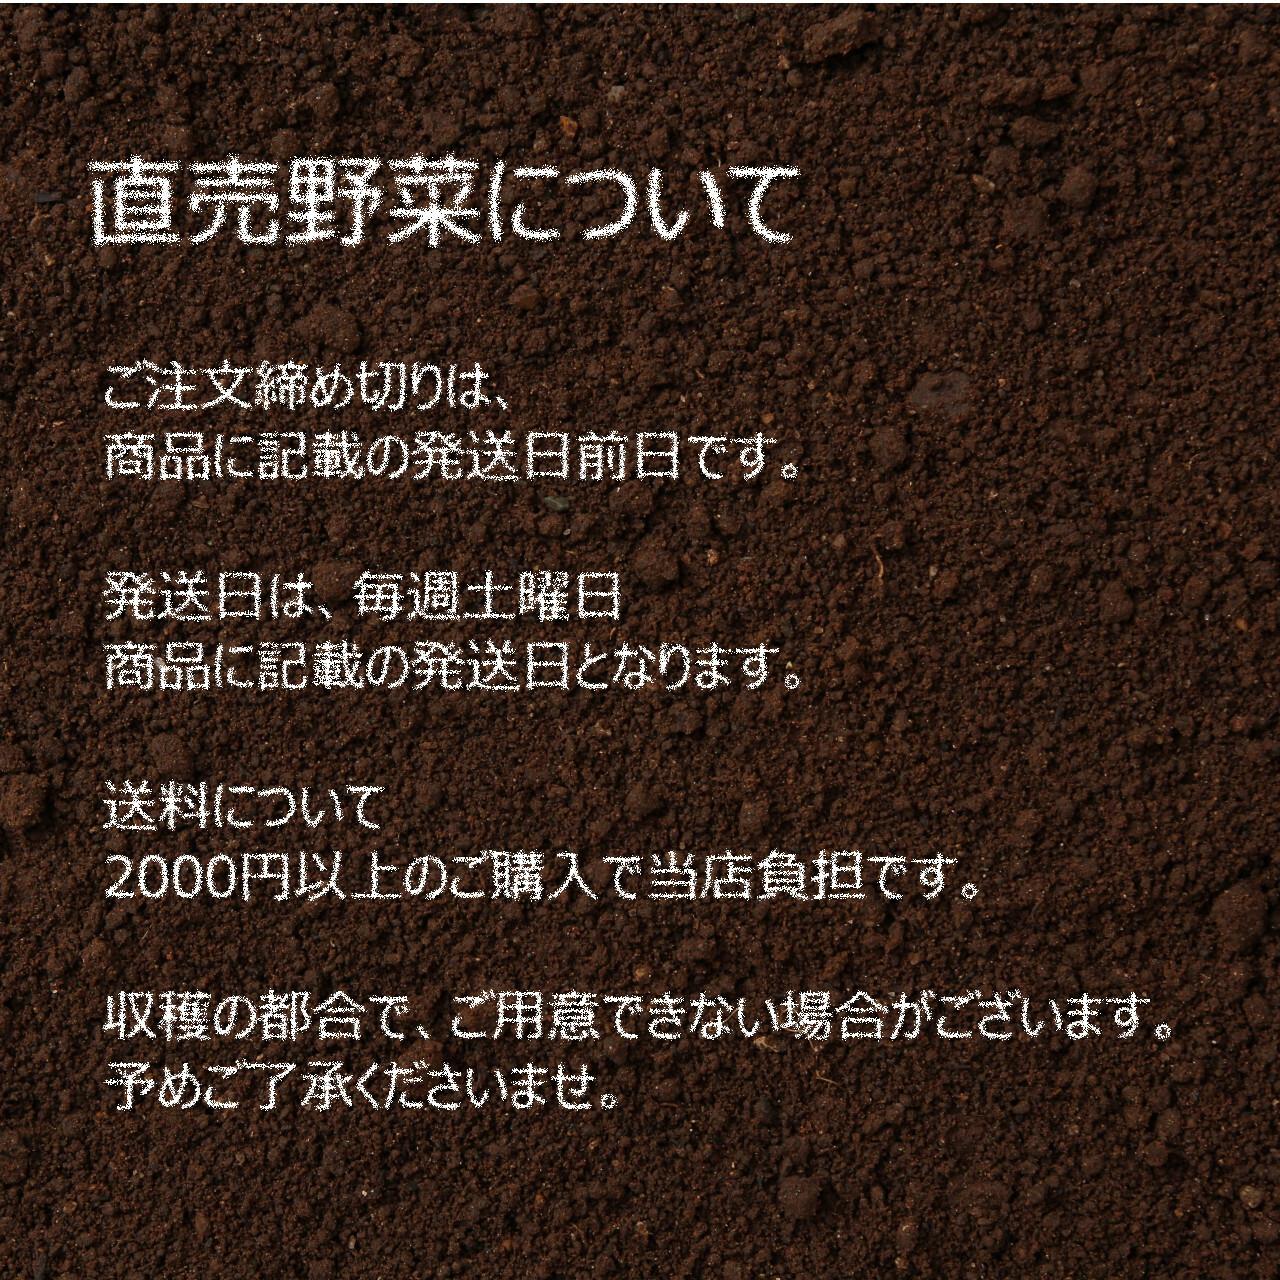 9月の朝採り直売野菜 : 春菊 約300g 新鮮な秋野菜 9月26日発送予定